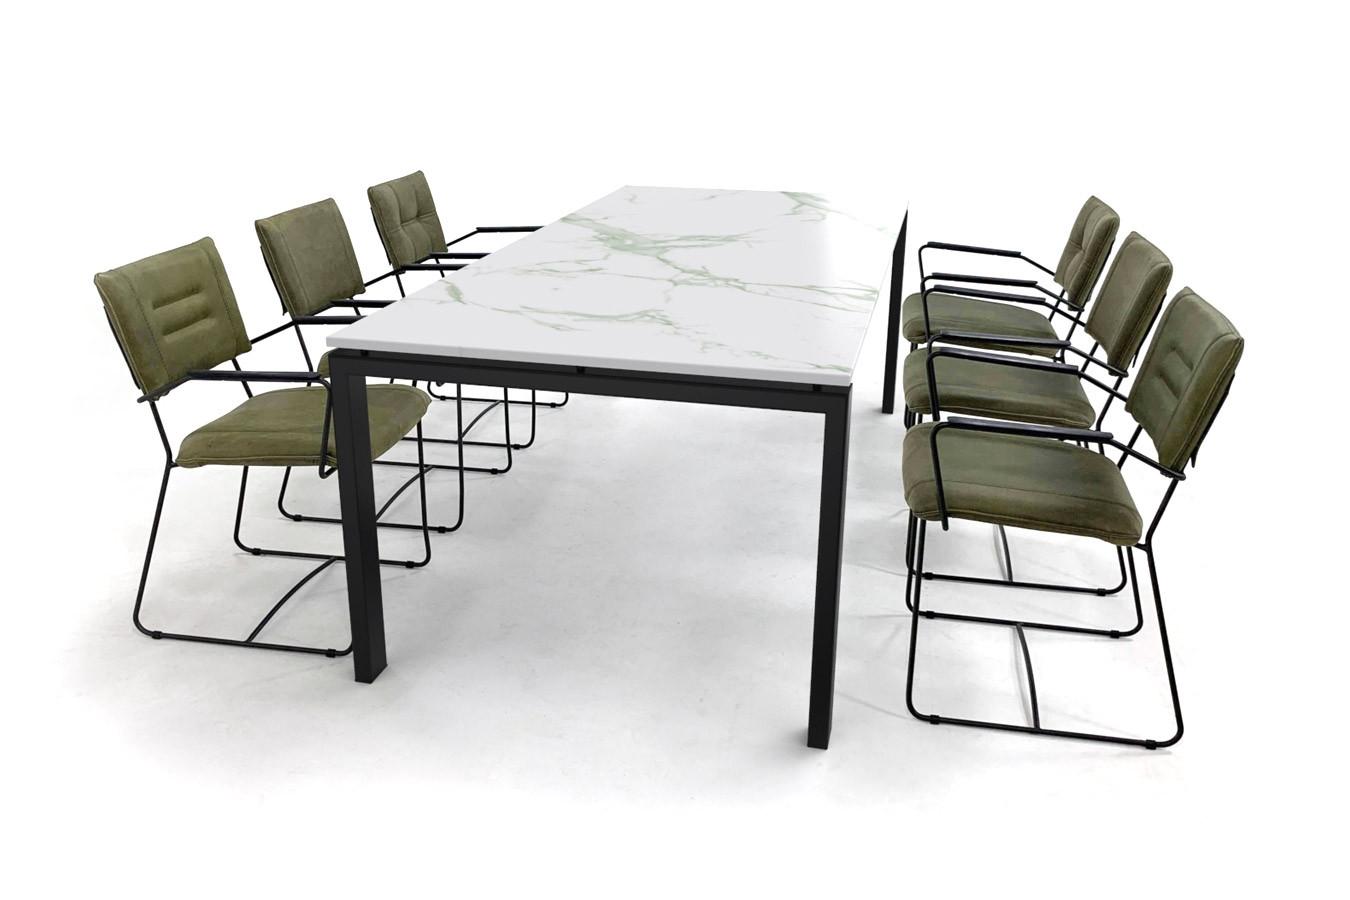 Marmerlook eettafel met trendy leren stoelen